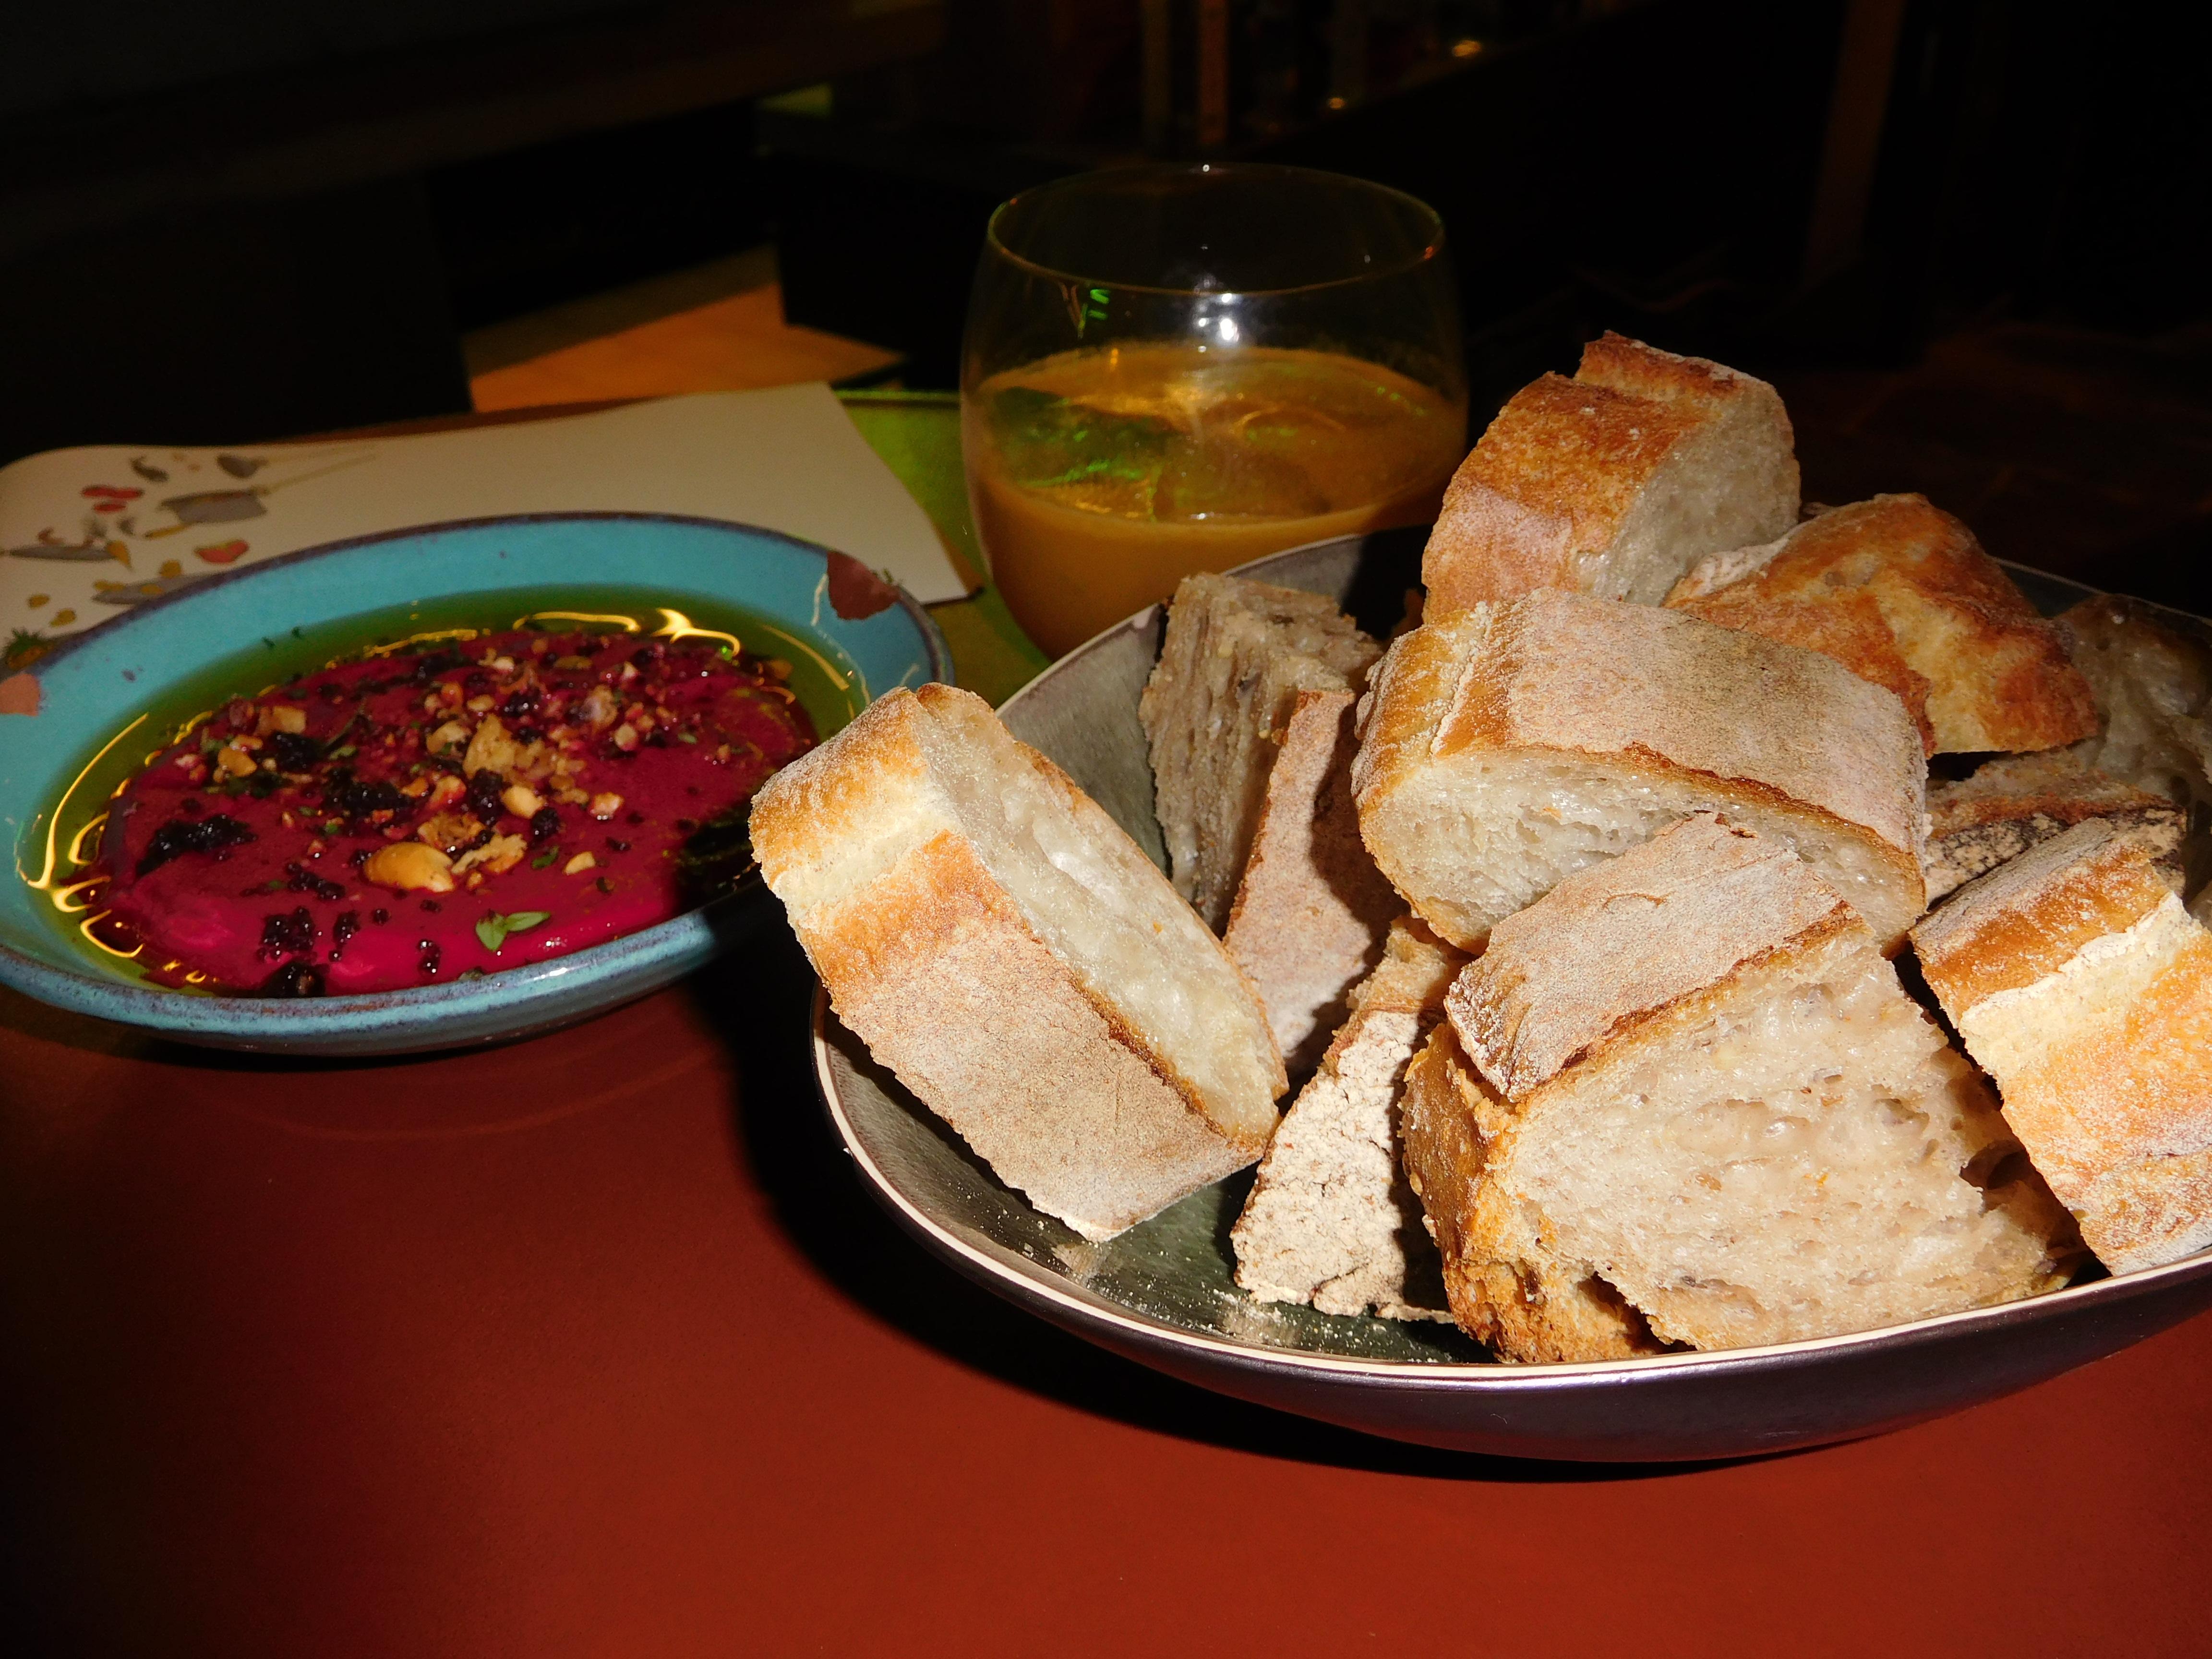 Rodebietendip en aperitief van mandarijn, ananas en kaneel